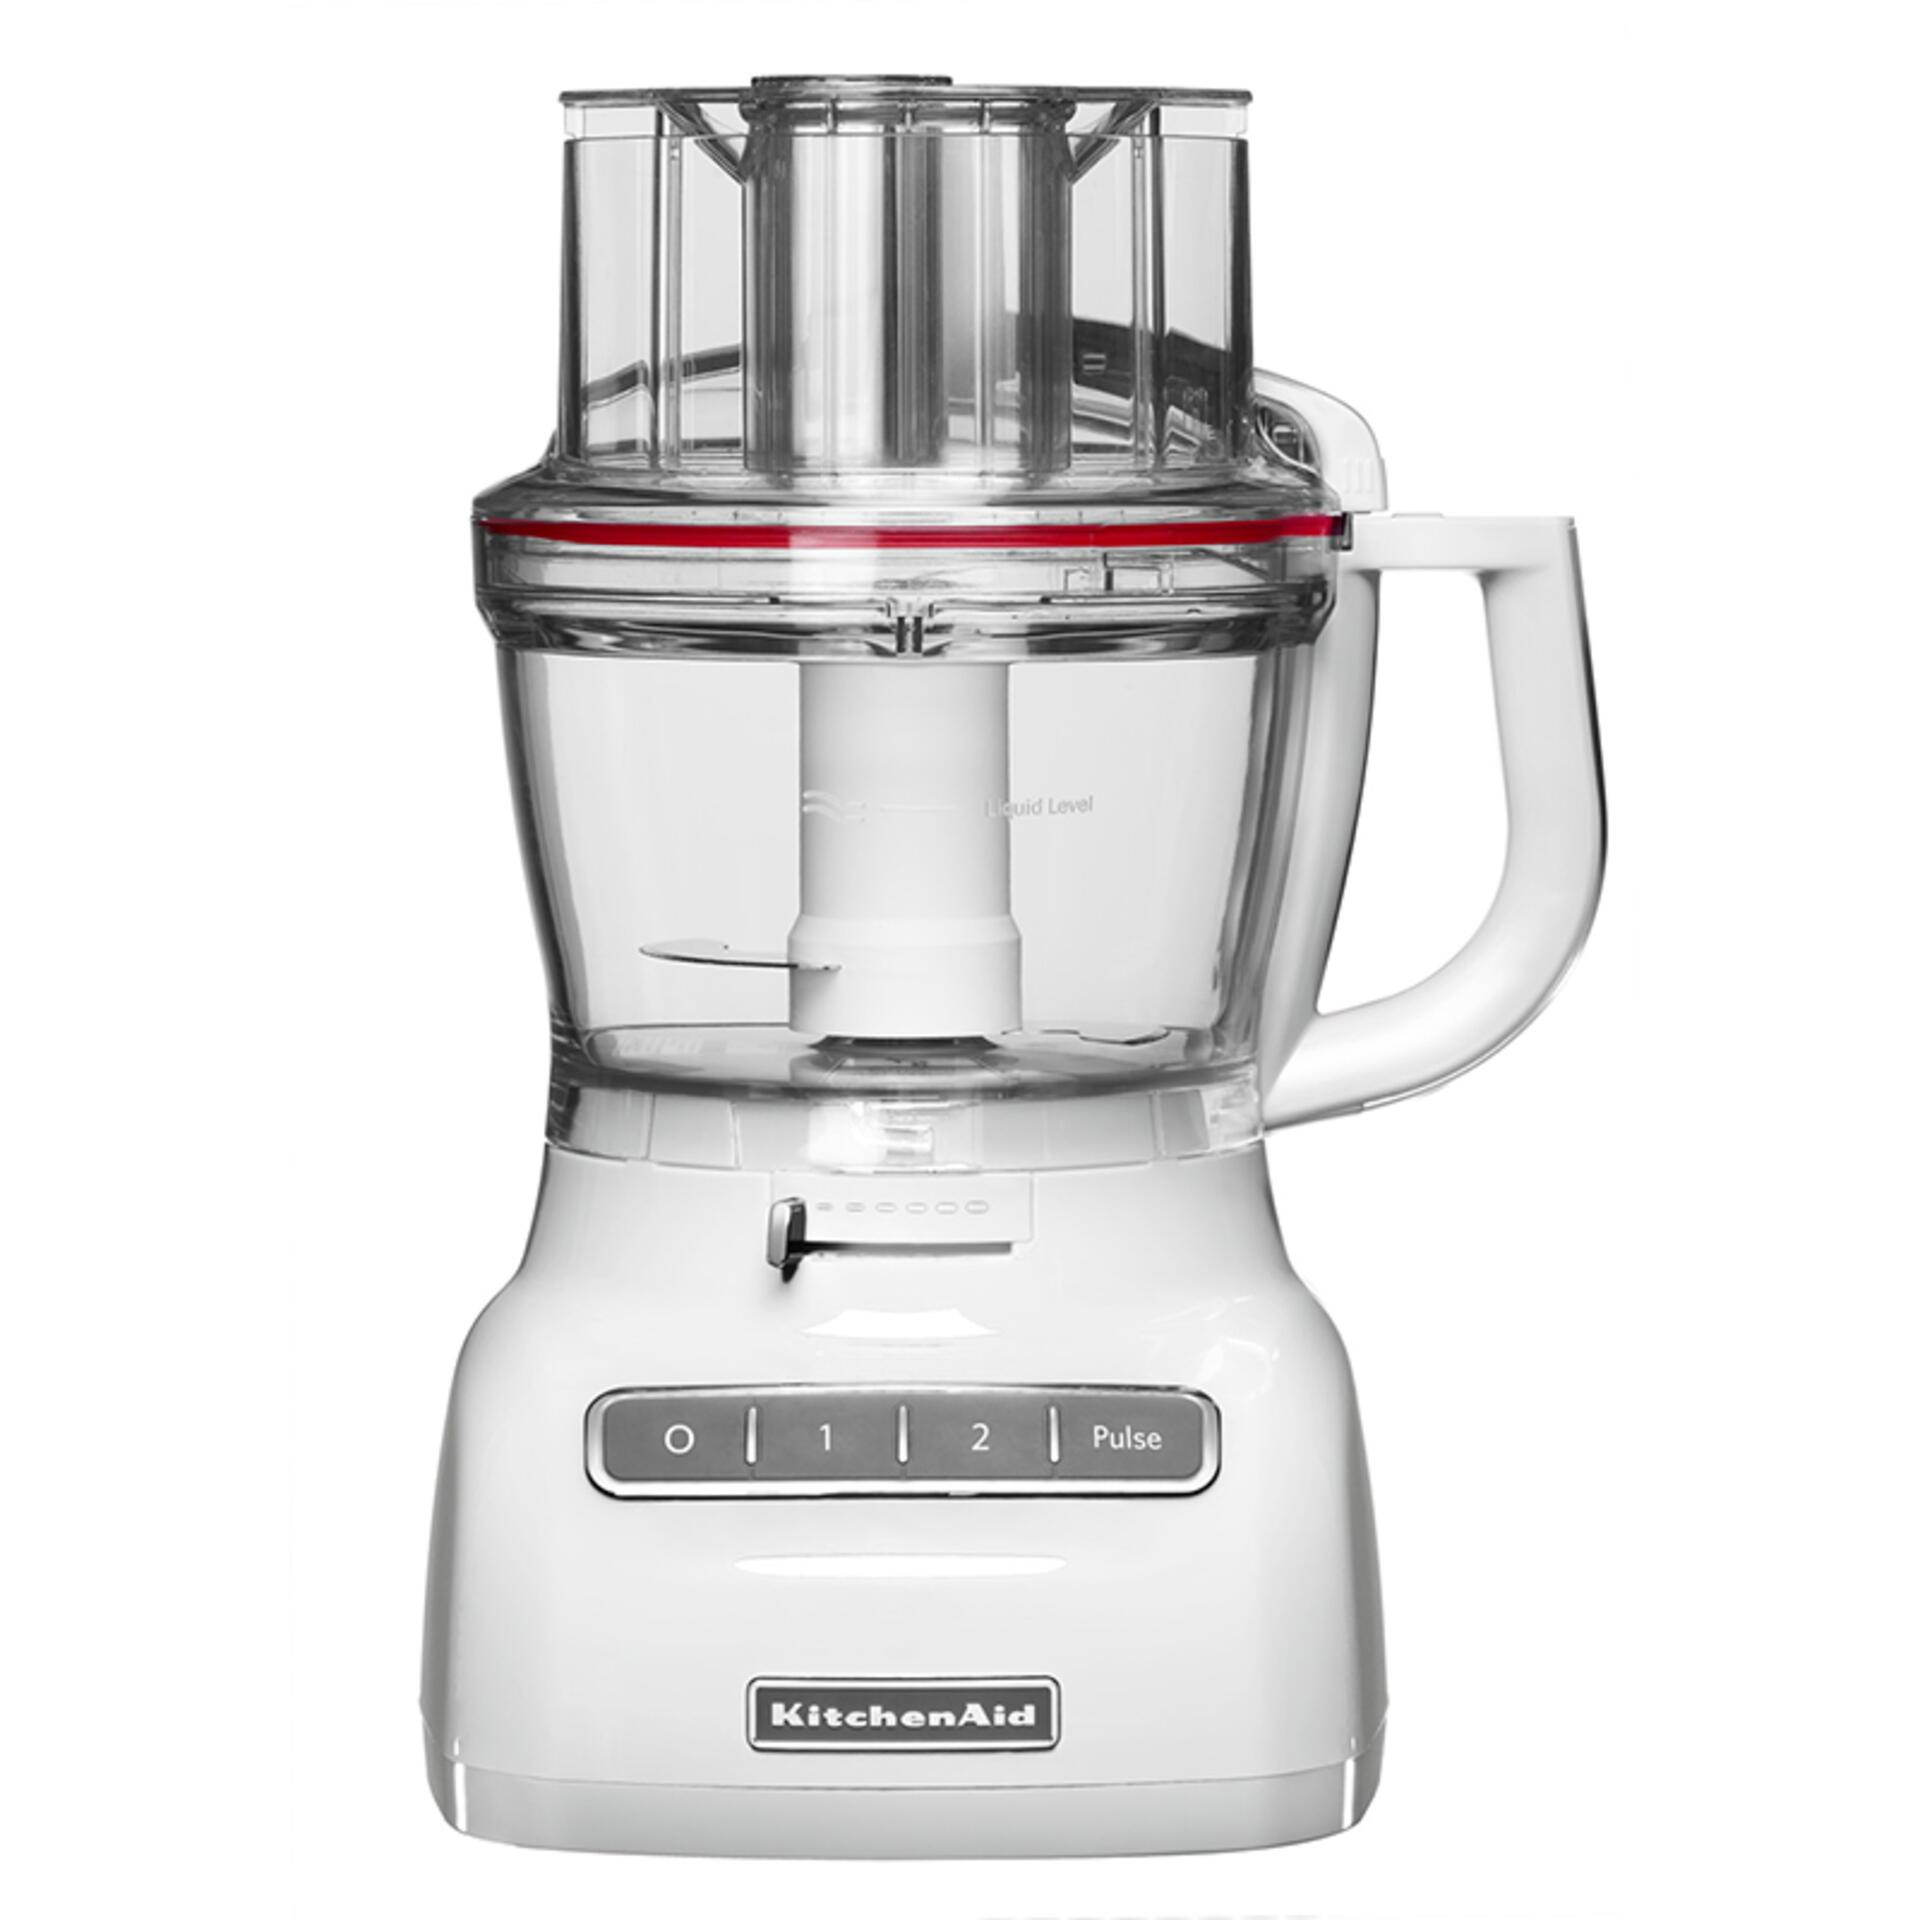 Kitchenaid Classic Food Processor 3,1 Liter 5KFP1325EWH Weiß